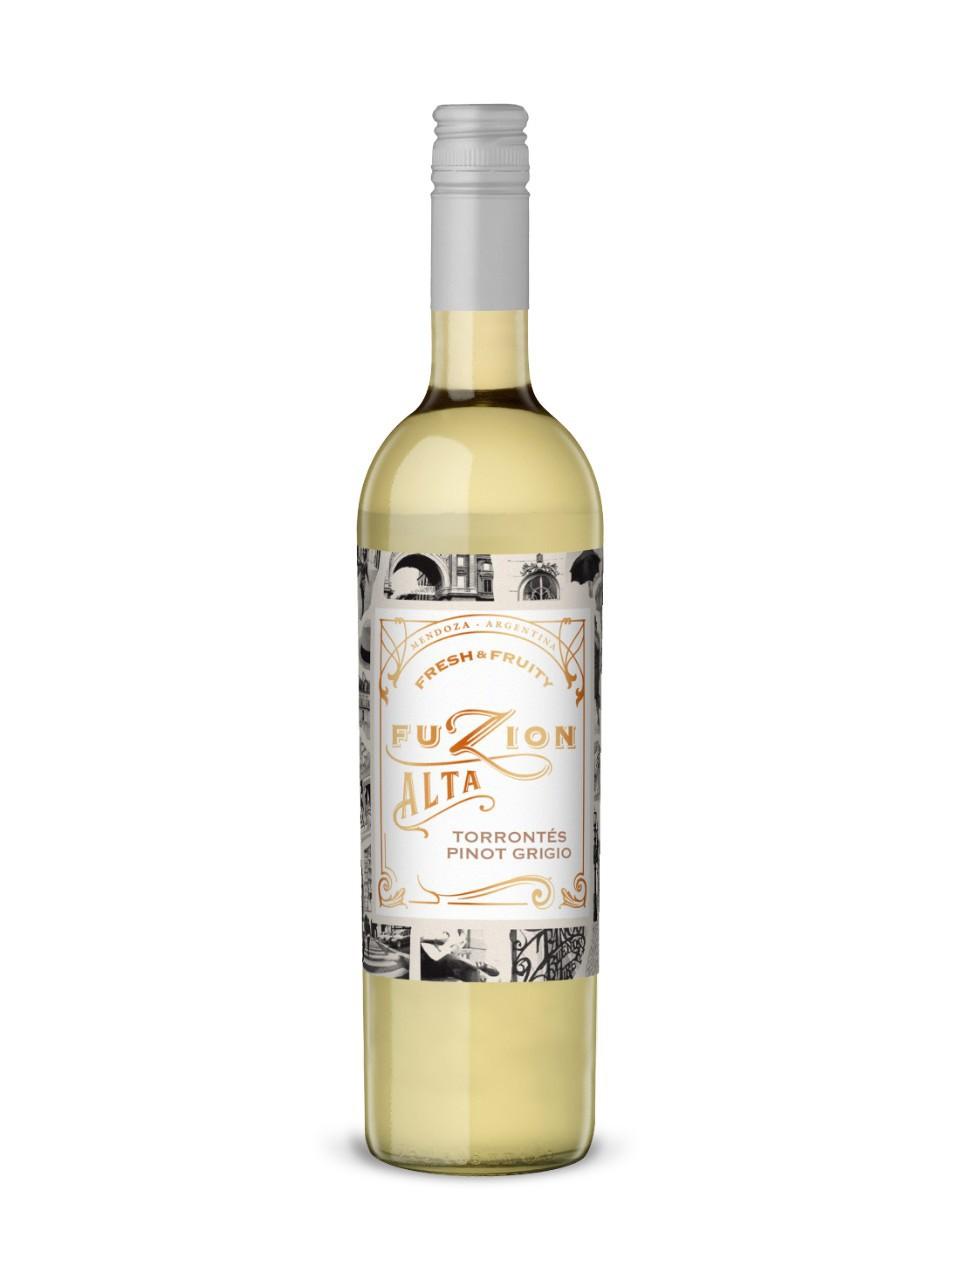 Fuzion Alta Torrontes Pinot Grigio